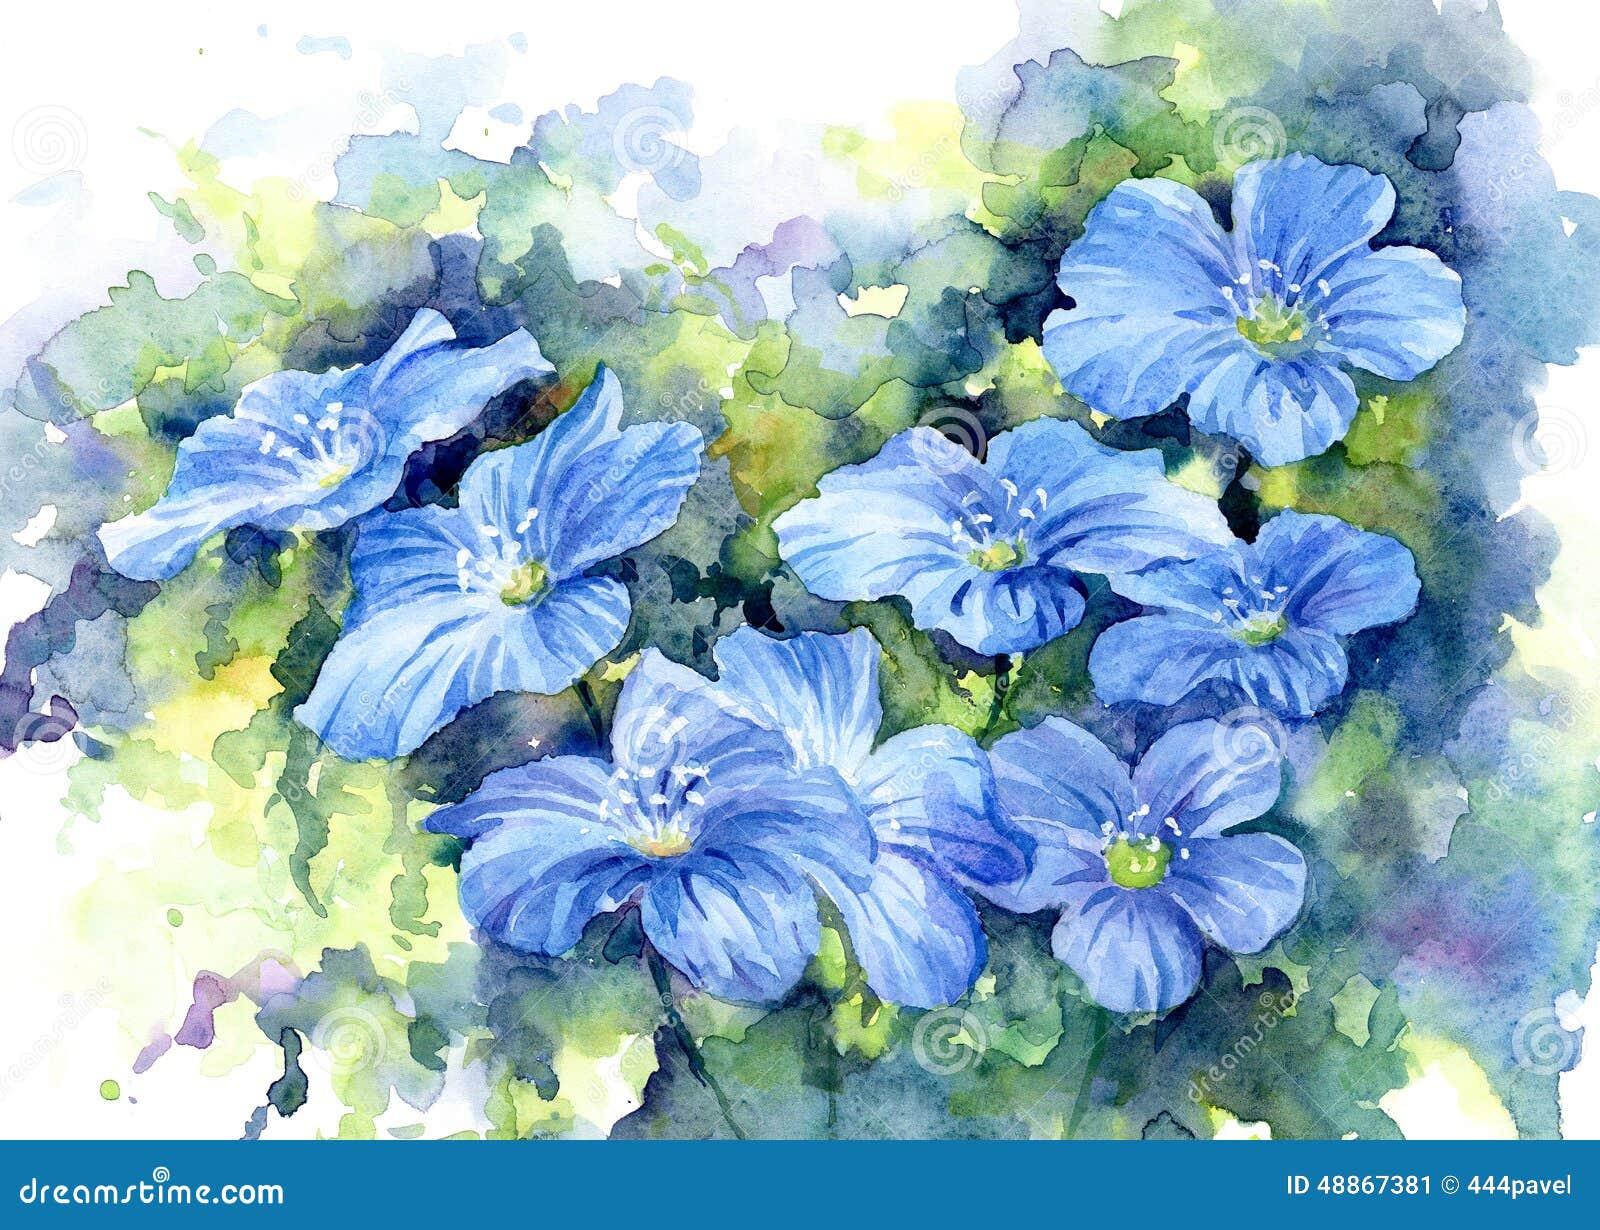 Sinii flowers, watercolor.